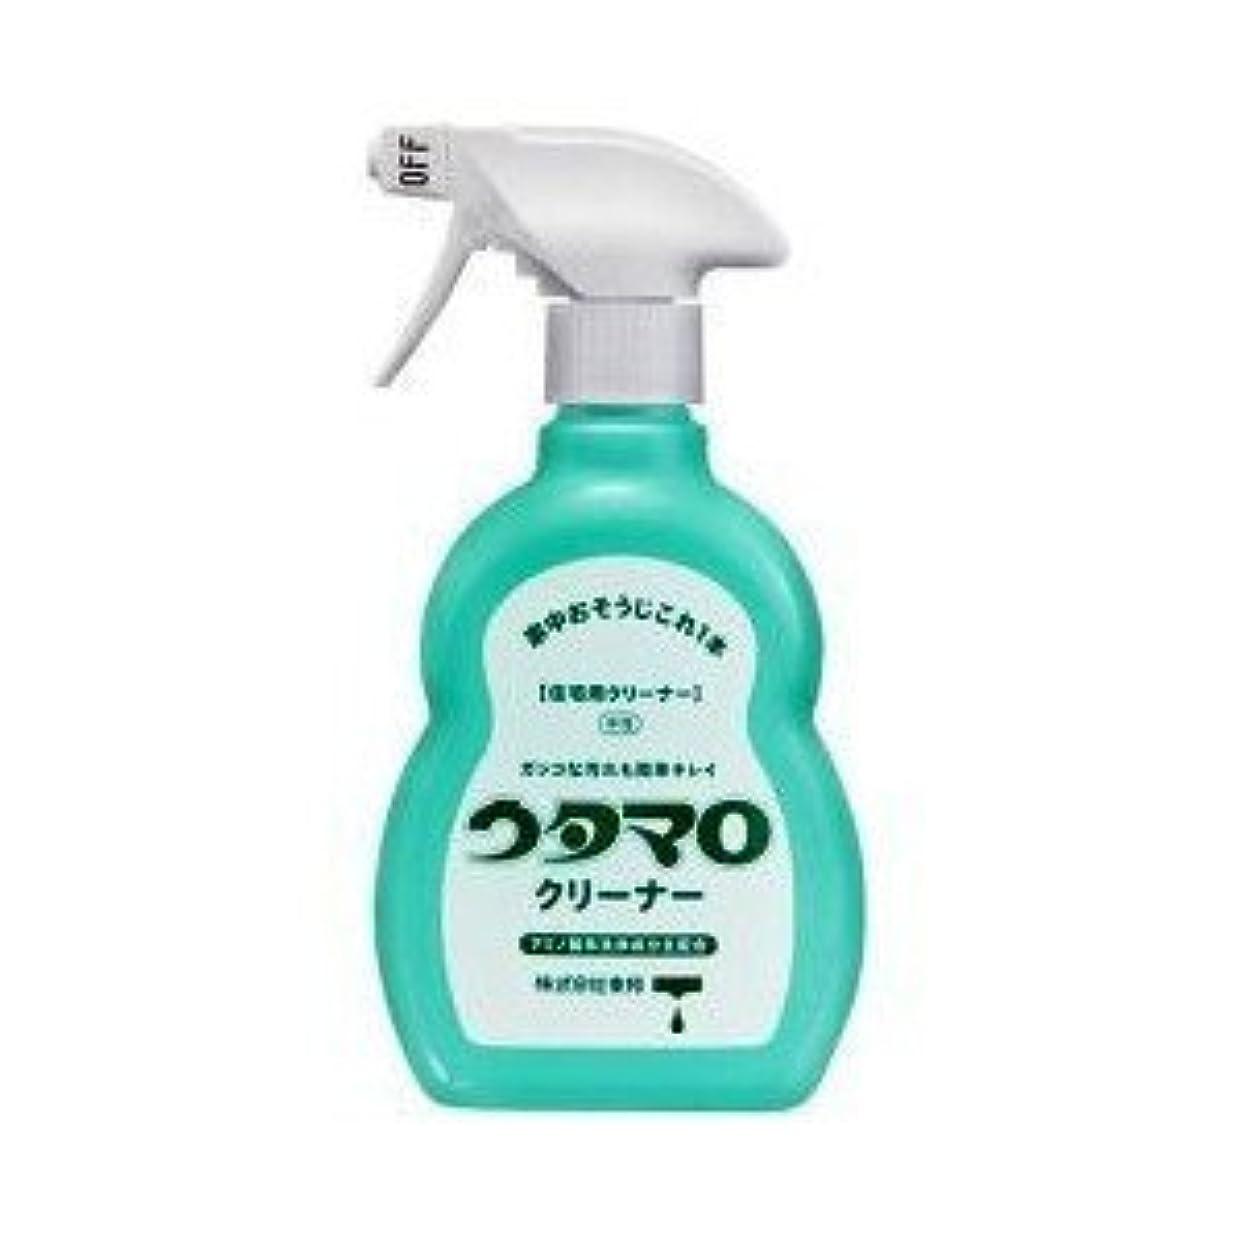 最適恨み無線ウタマロ クリーナー 400ml 洗剤 住居用 アミノ酸系洗浄成分主配合 さわやかなグリーンハーブの香り